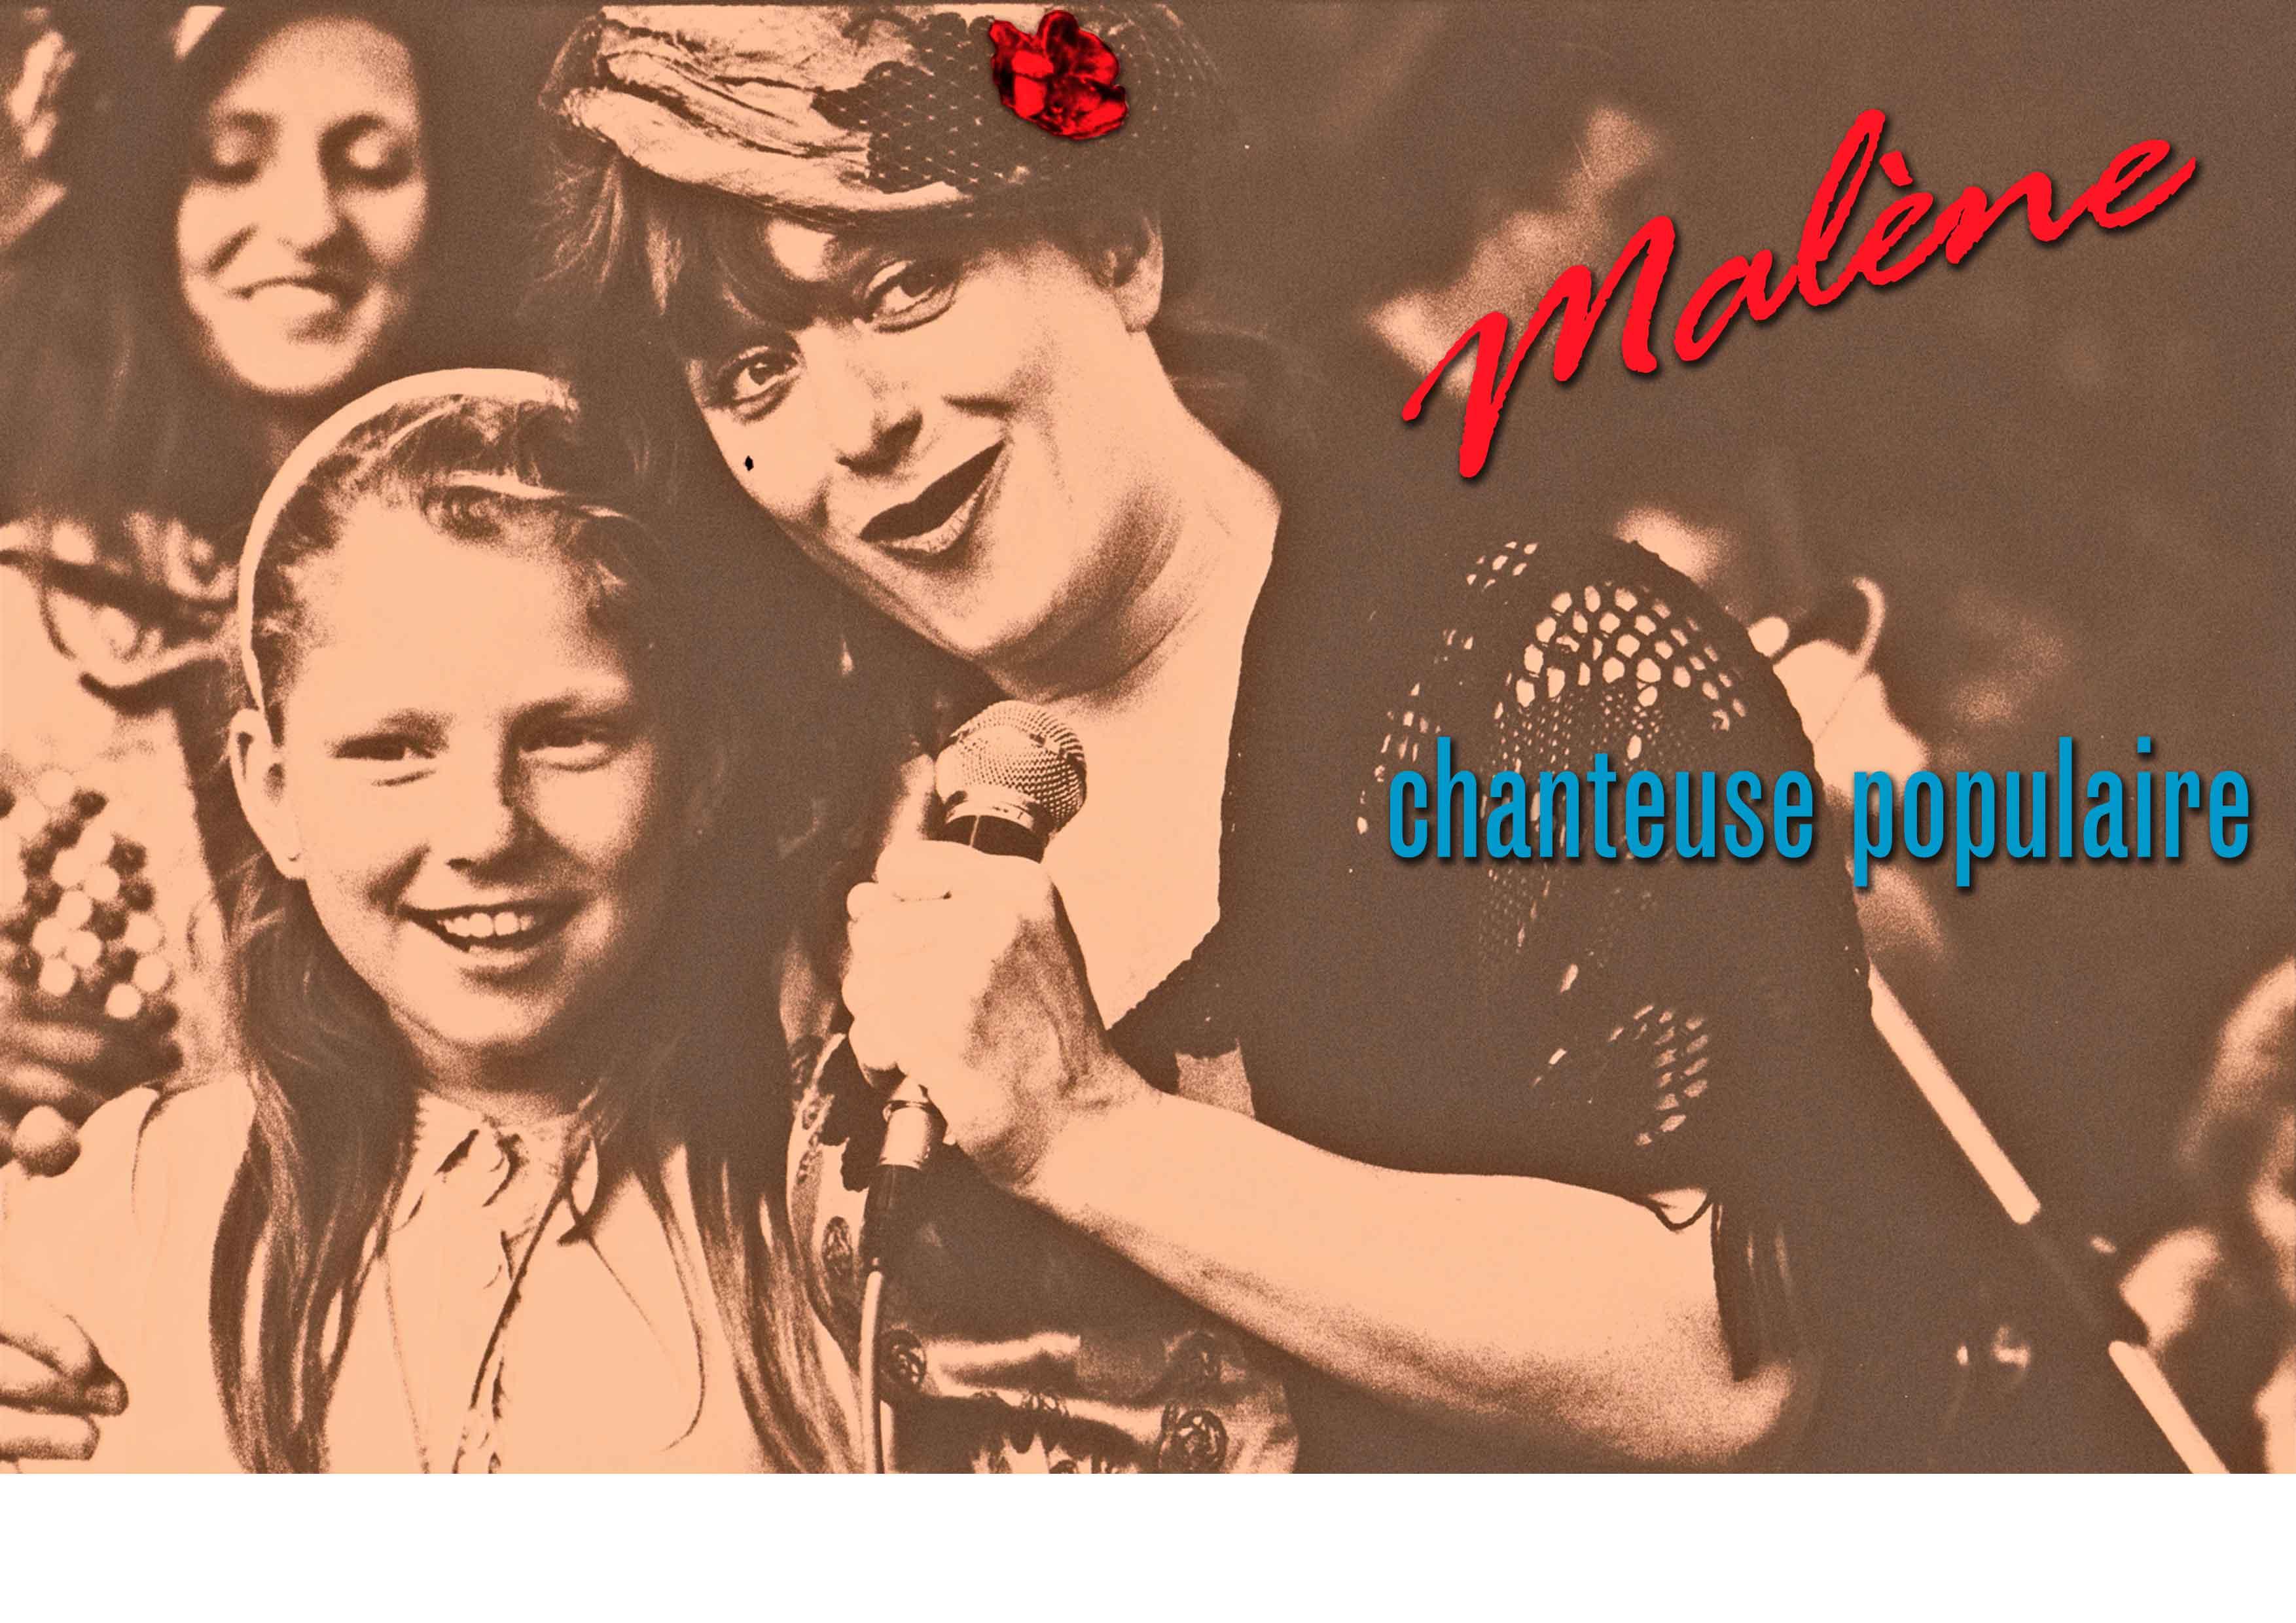 Affiche de Malène